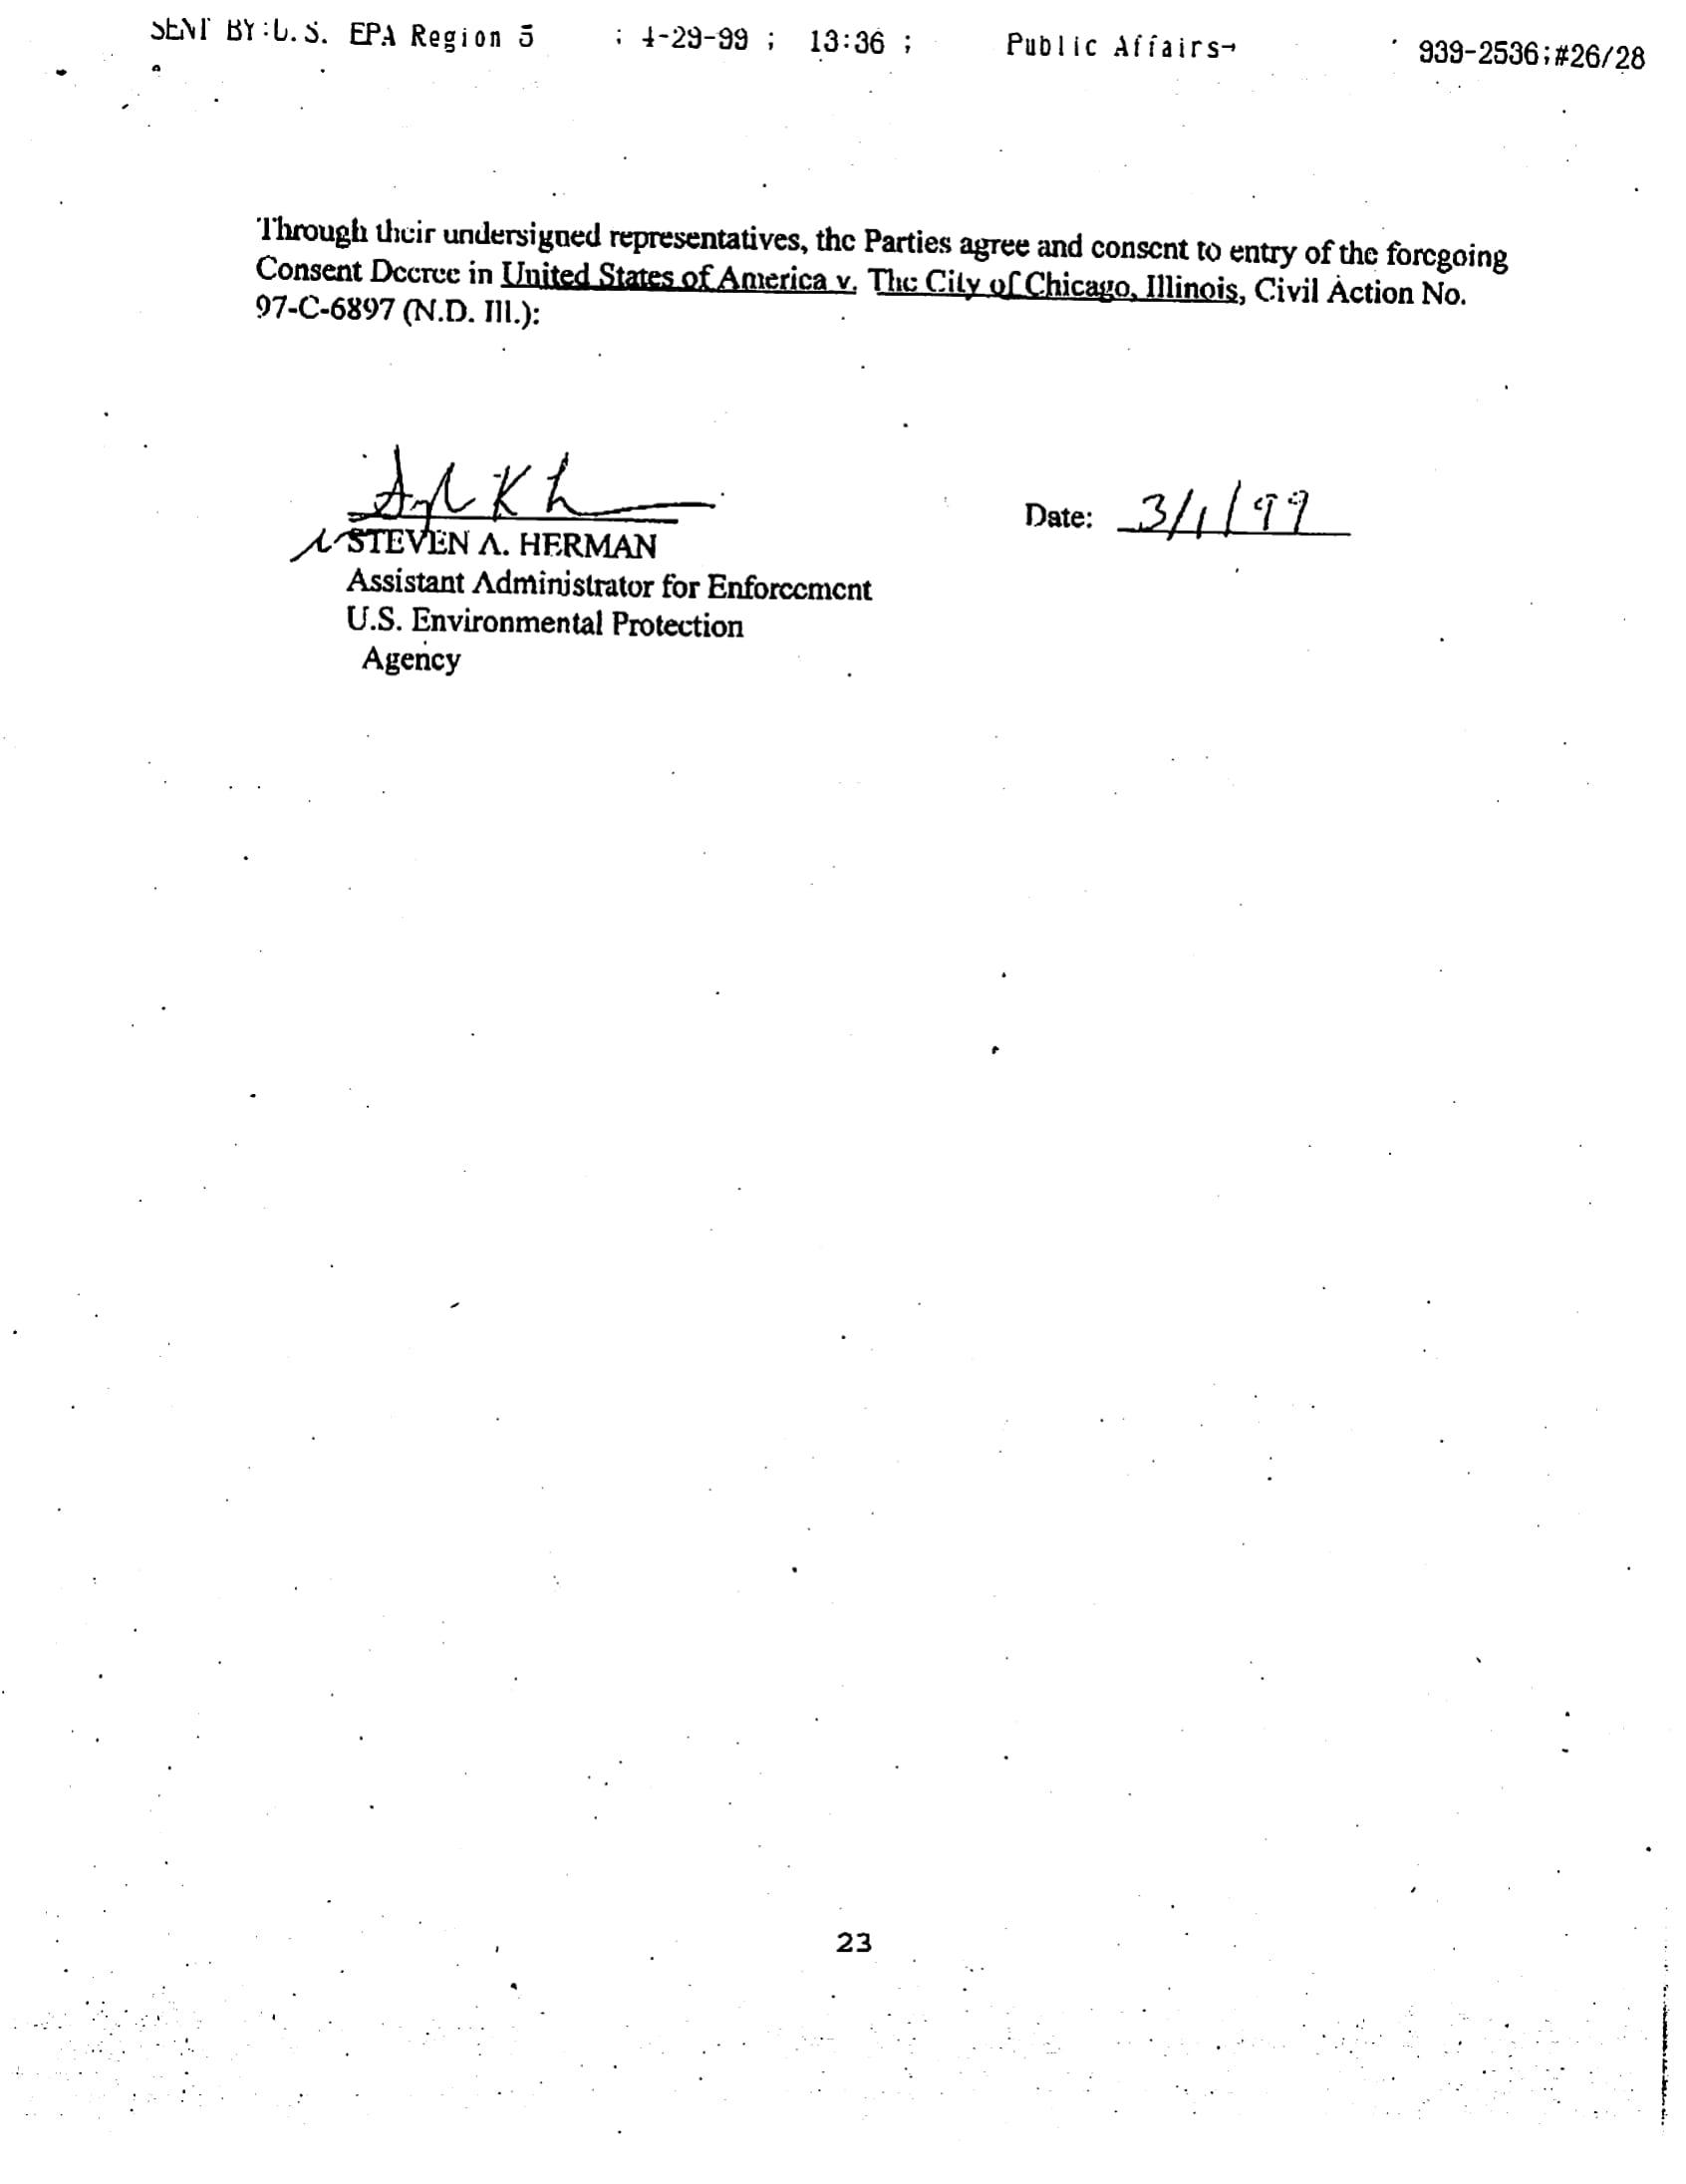 EPA Chicago Settlement-25.jpg